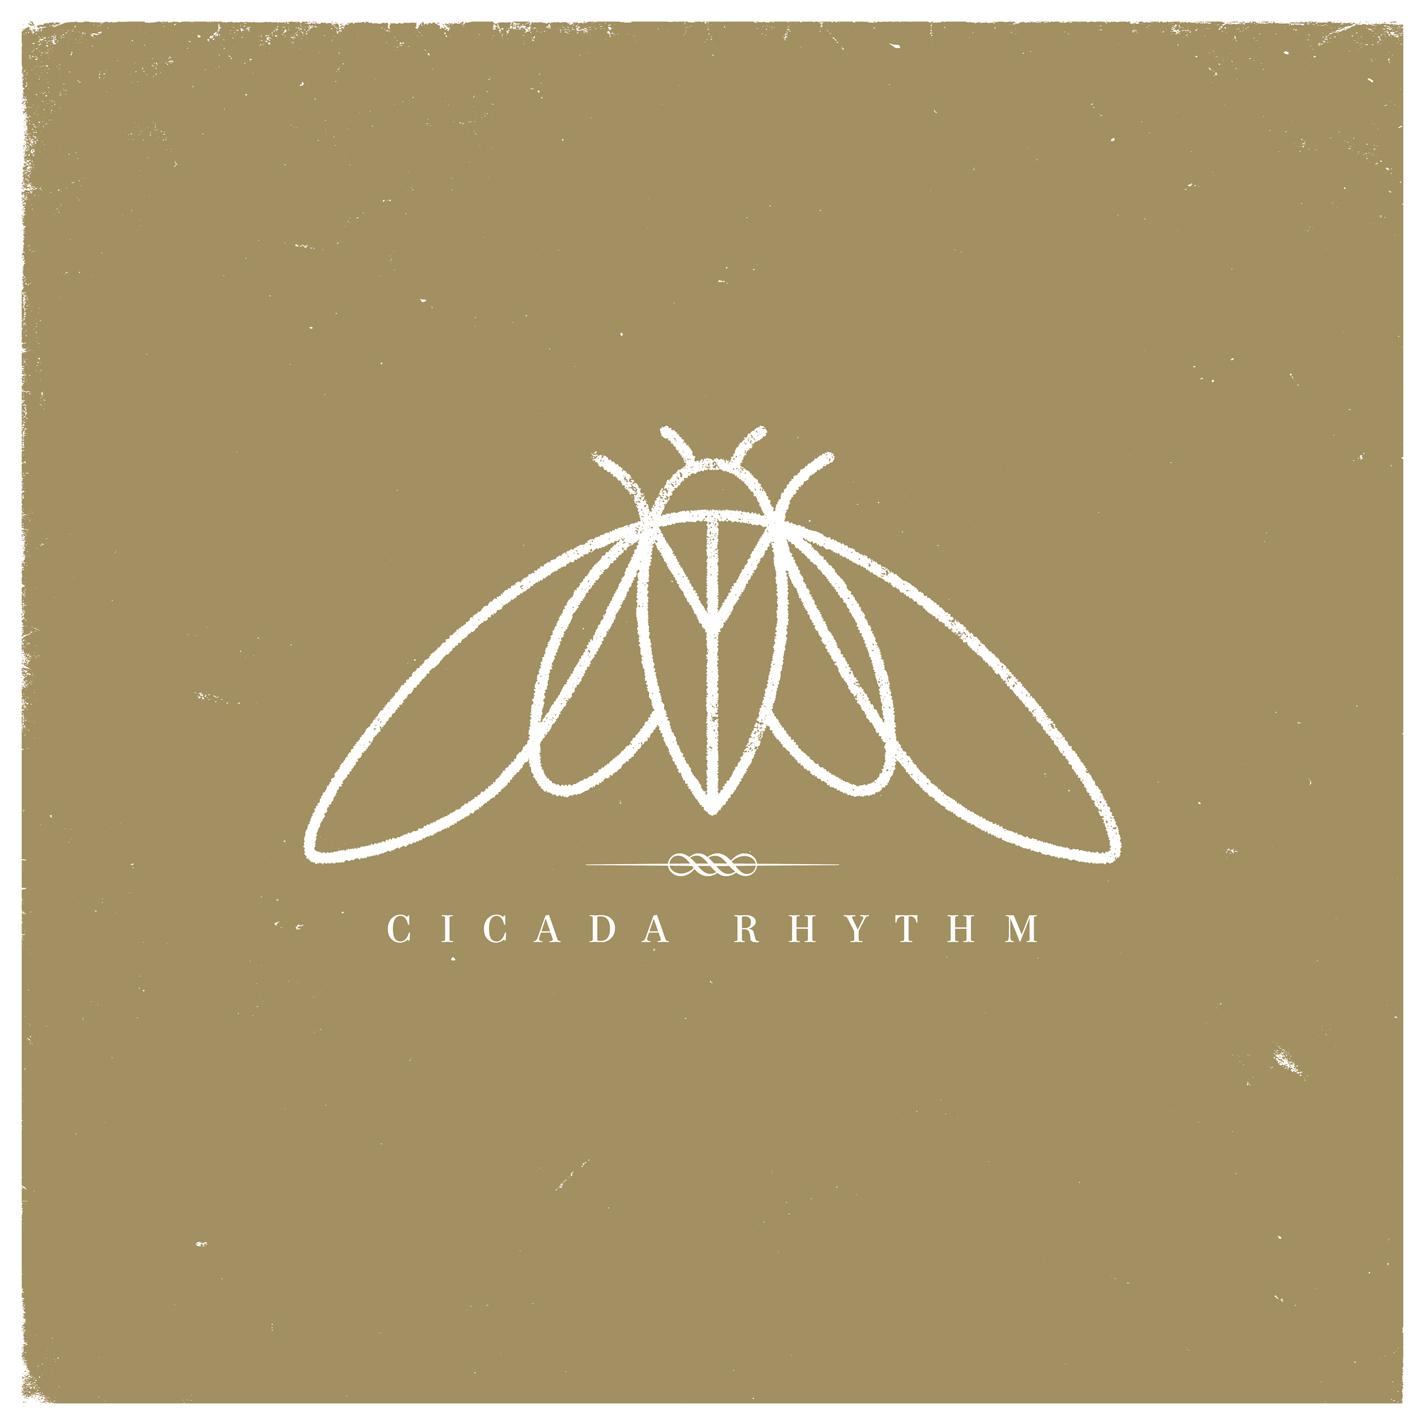 Cicada Rhythm - CD   Vinyl   Digital   Stream